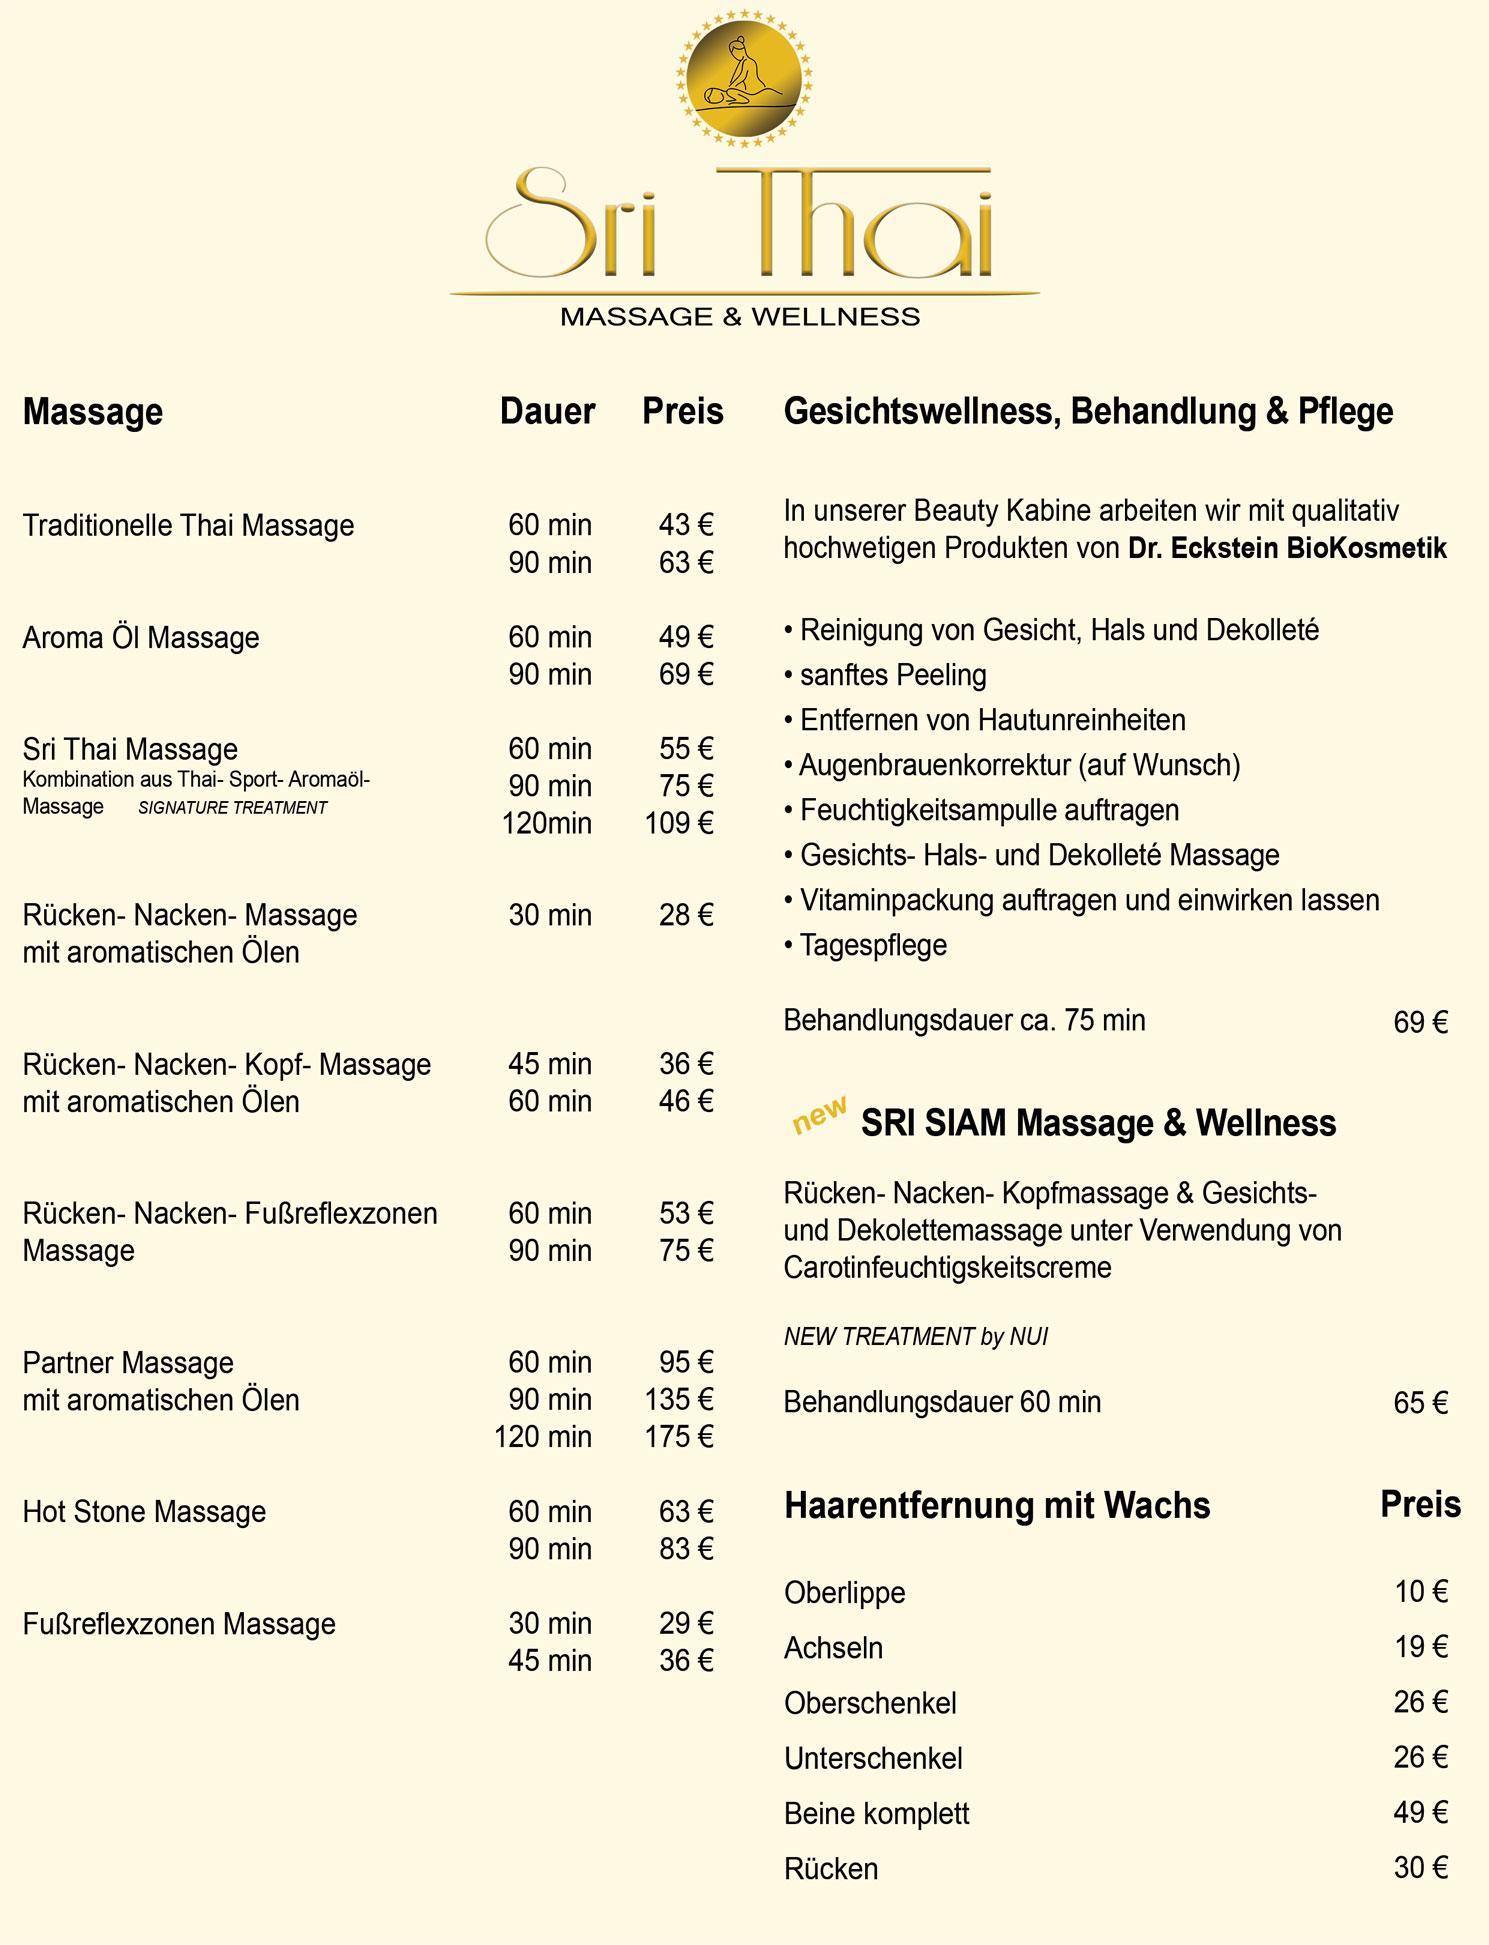 Sri Thai Massage & Wellness | Preise